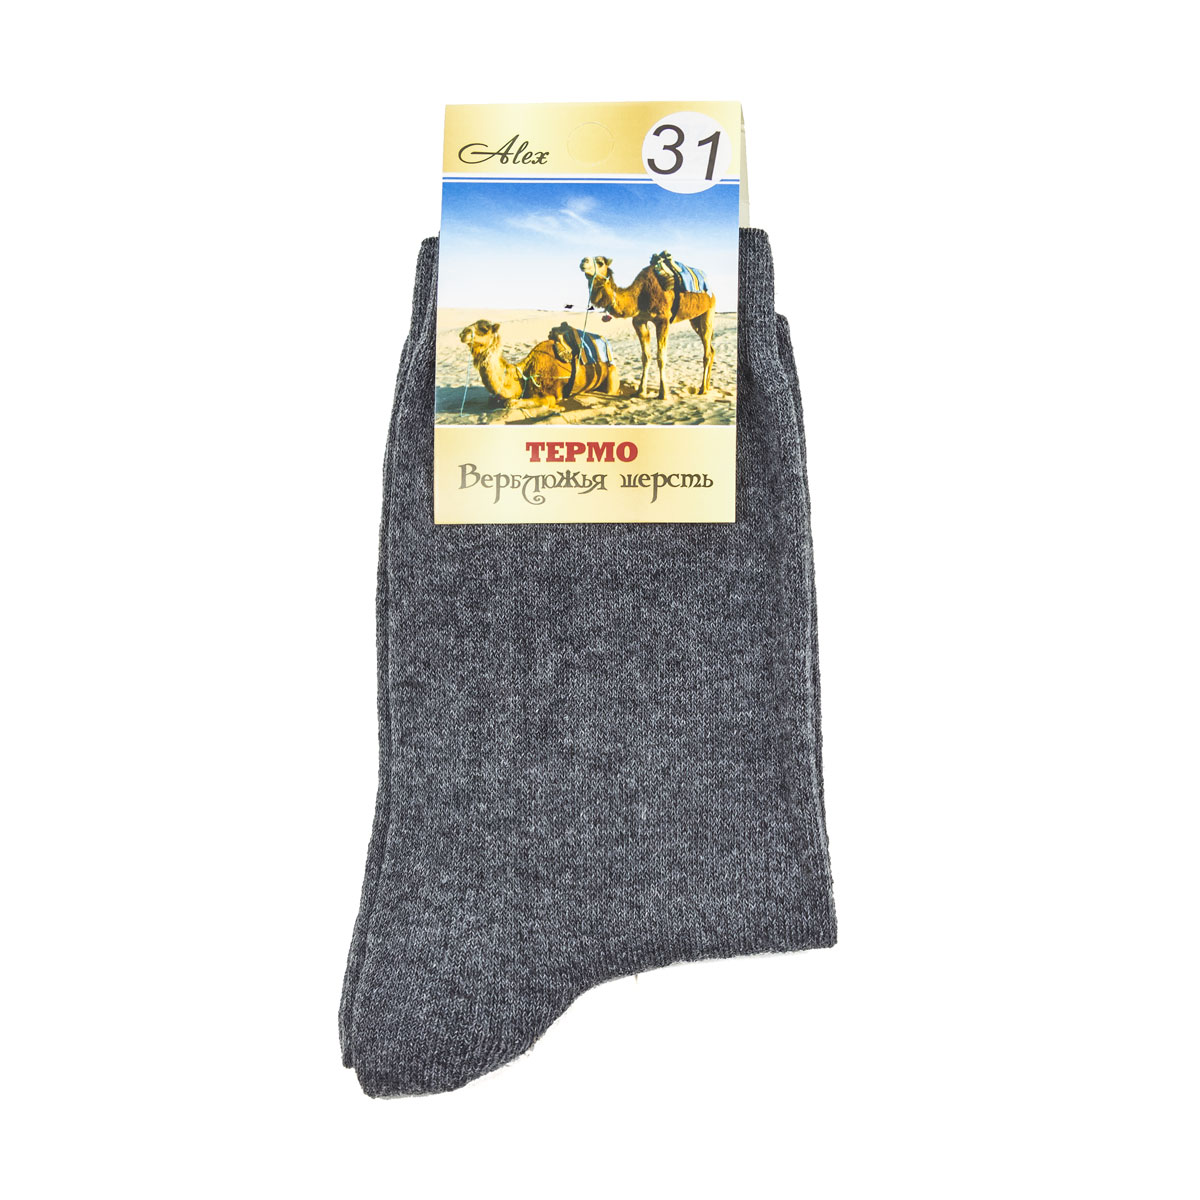 Муж. носки Термо р. 45-46Носки<br><br><br>Тип: Муж. носки<br>Размер: 45-46<br>Материал: Верблюжья шерсть